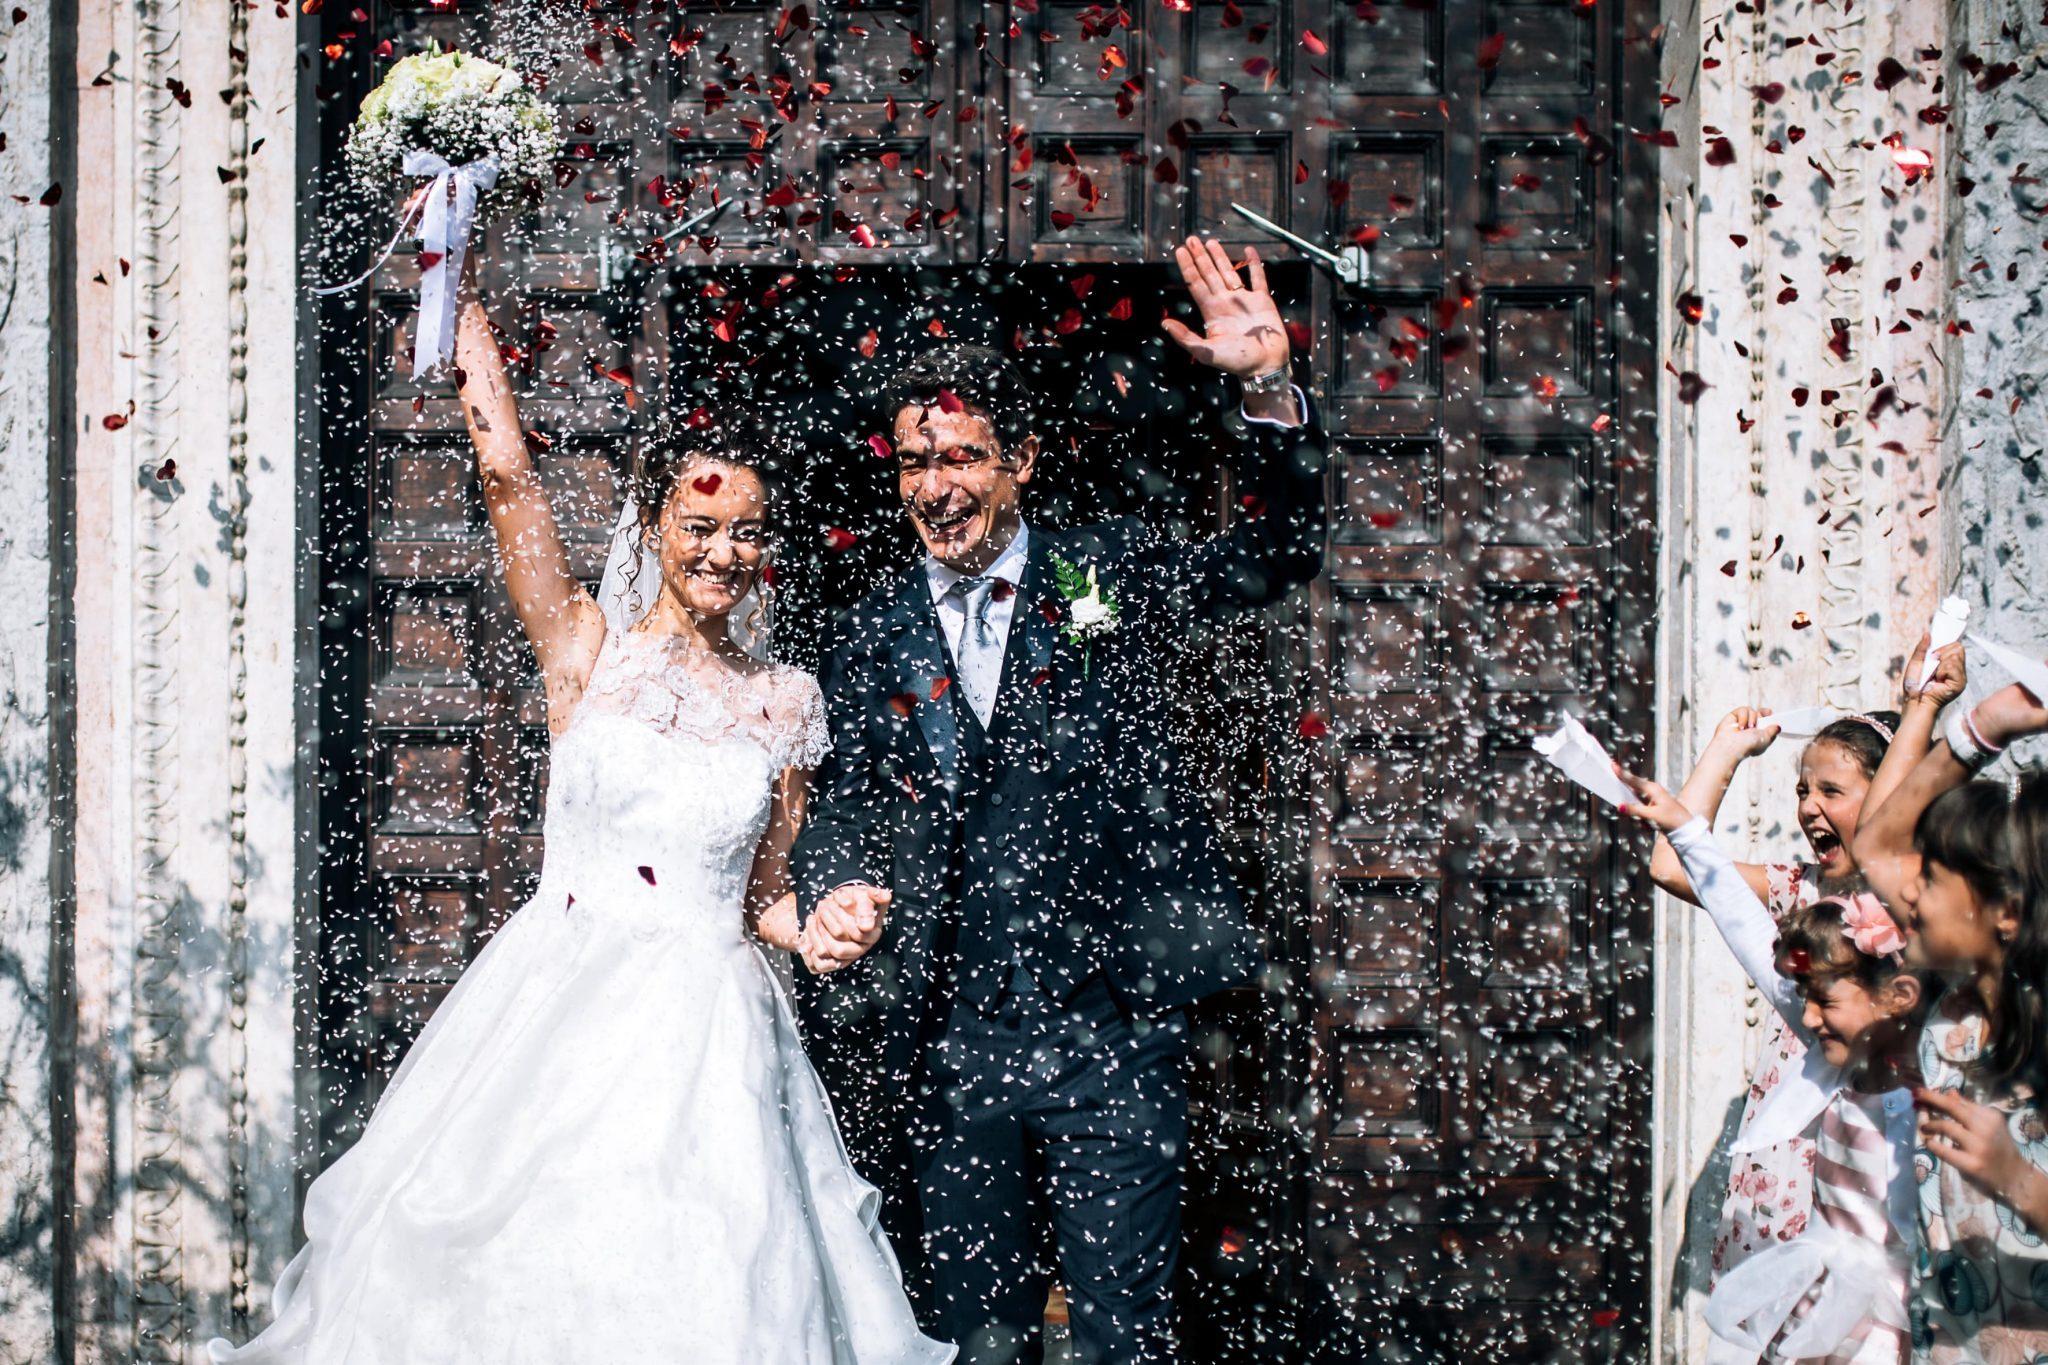 gli sposi all'uscita della chiesa con il lancio del riso e dei petali